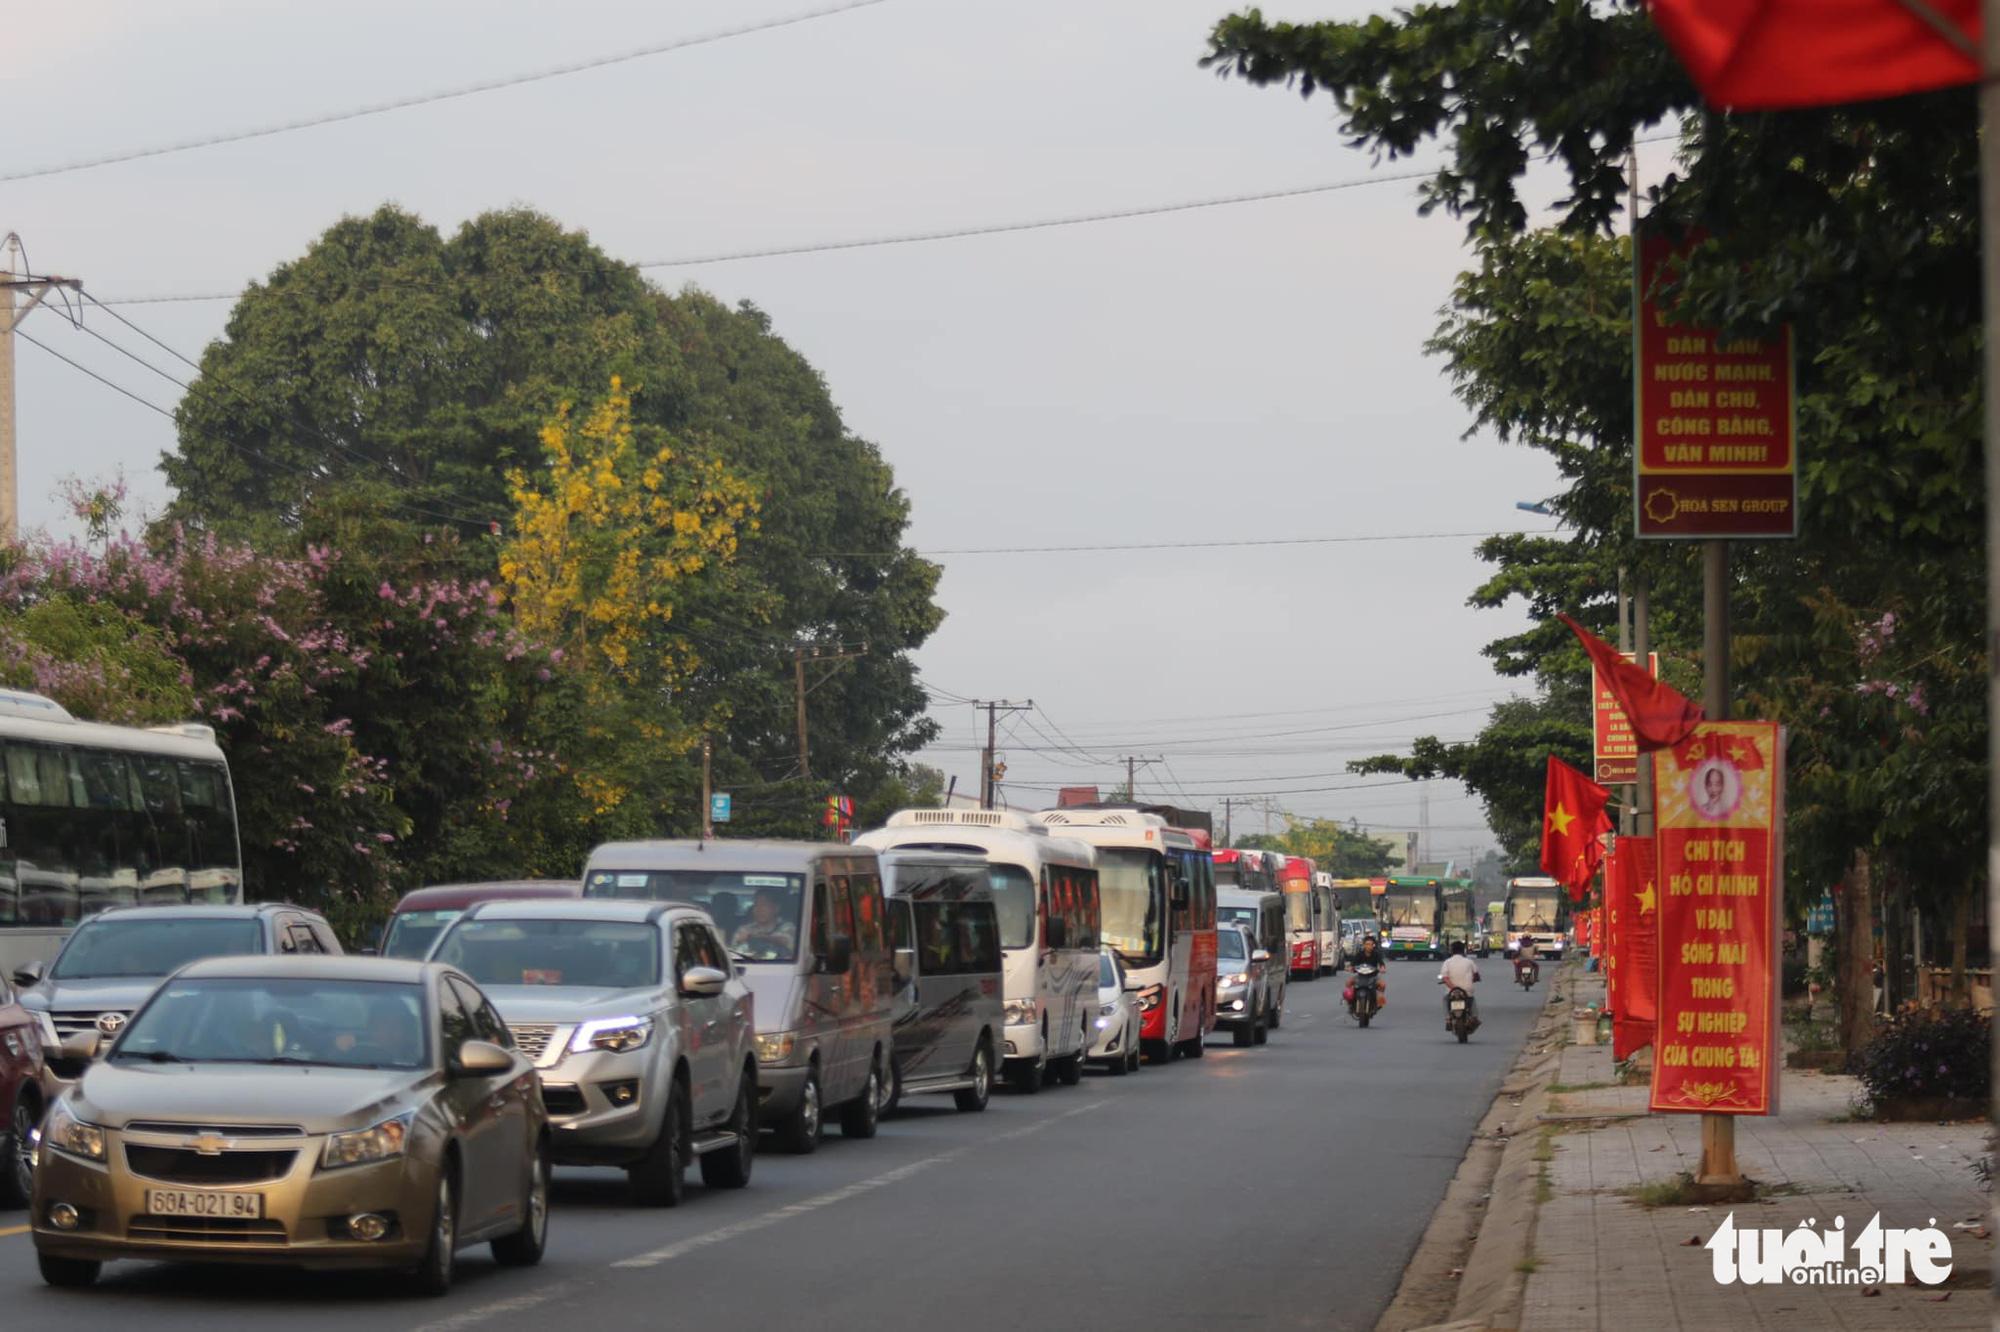 Rời Đà Lạt về TP.HCM nên chọn tỉnh lộ 725 để tránh đèo Bảo Lộc - Ảnh 2.